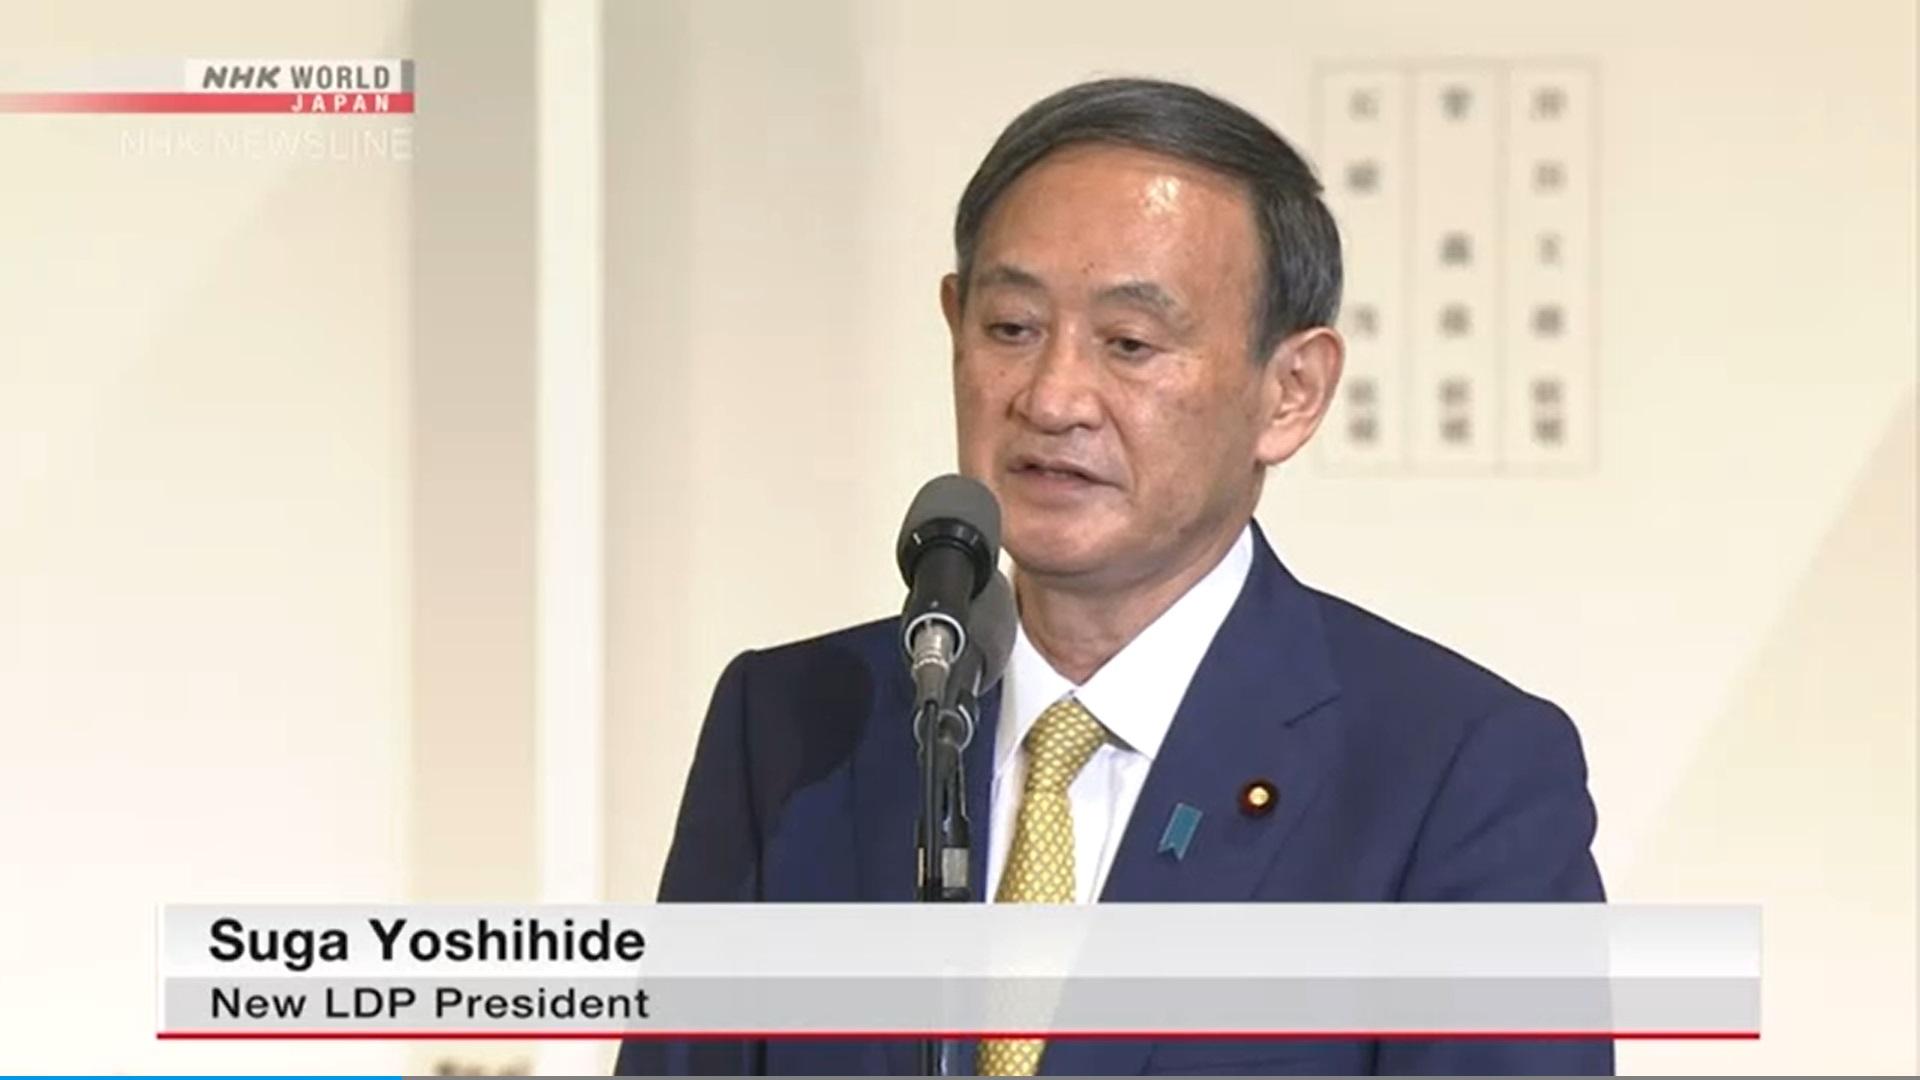 Новый премьер Японии провозгласил союз с США основой внешней политики